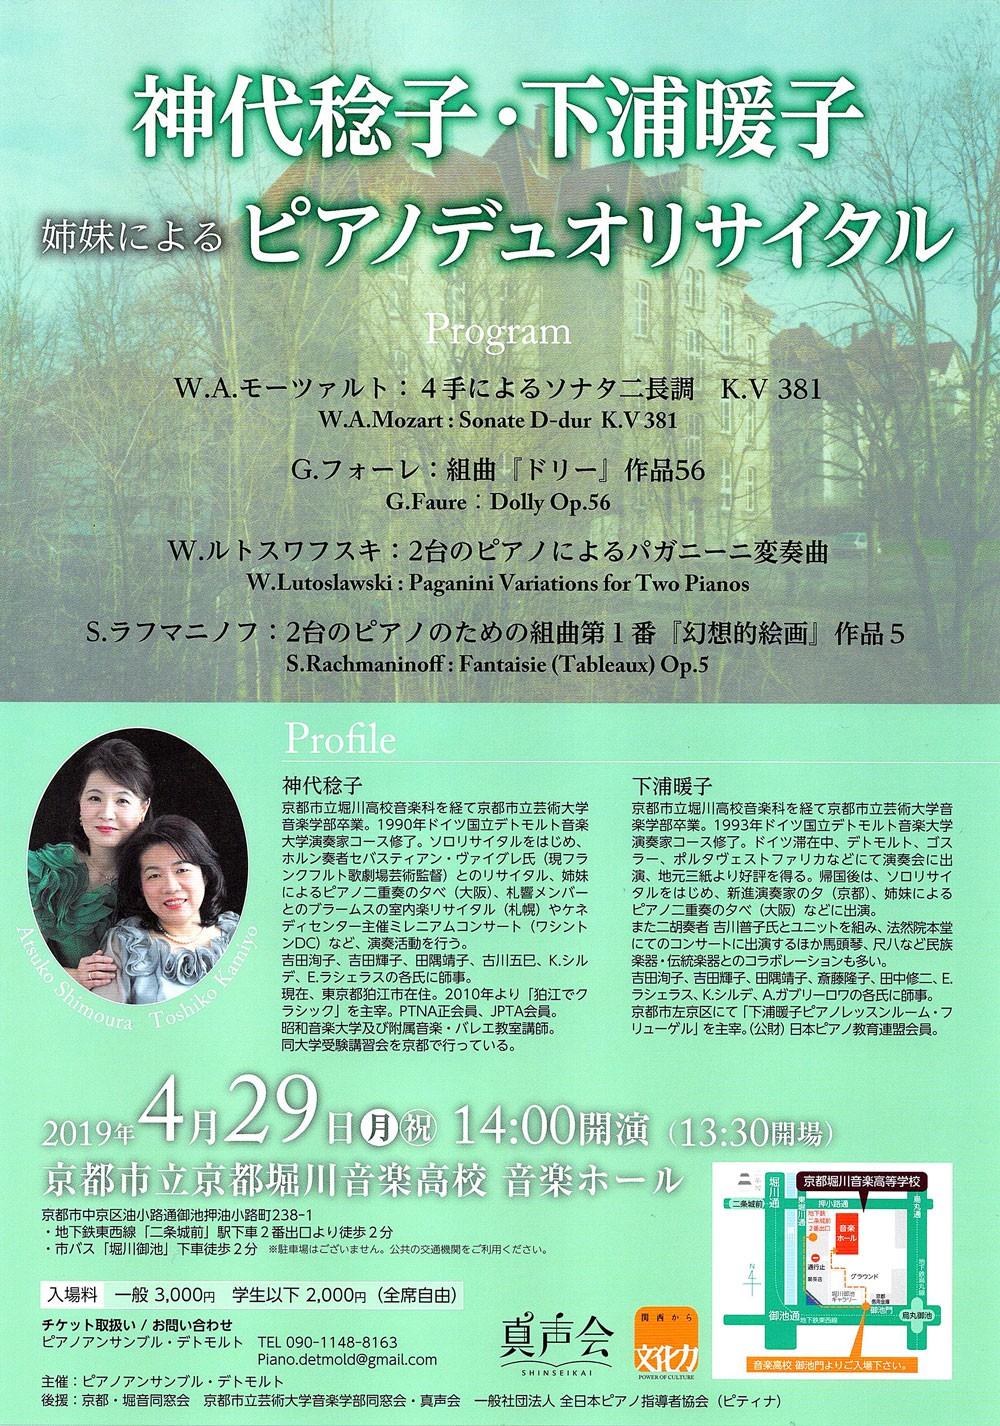 神代稔子・下浦暖子 姉妹による ピアノデュオリサイタル チラシ画像